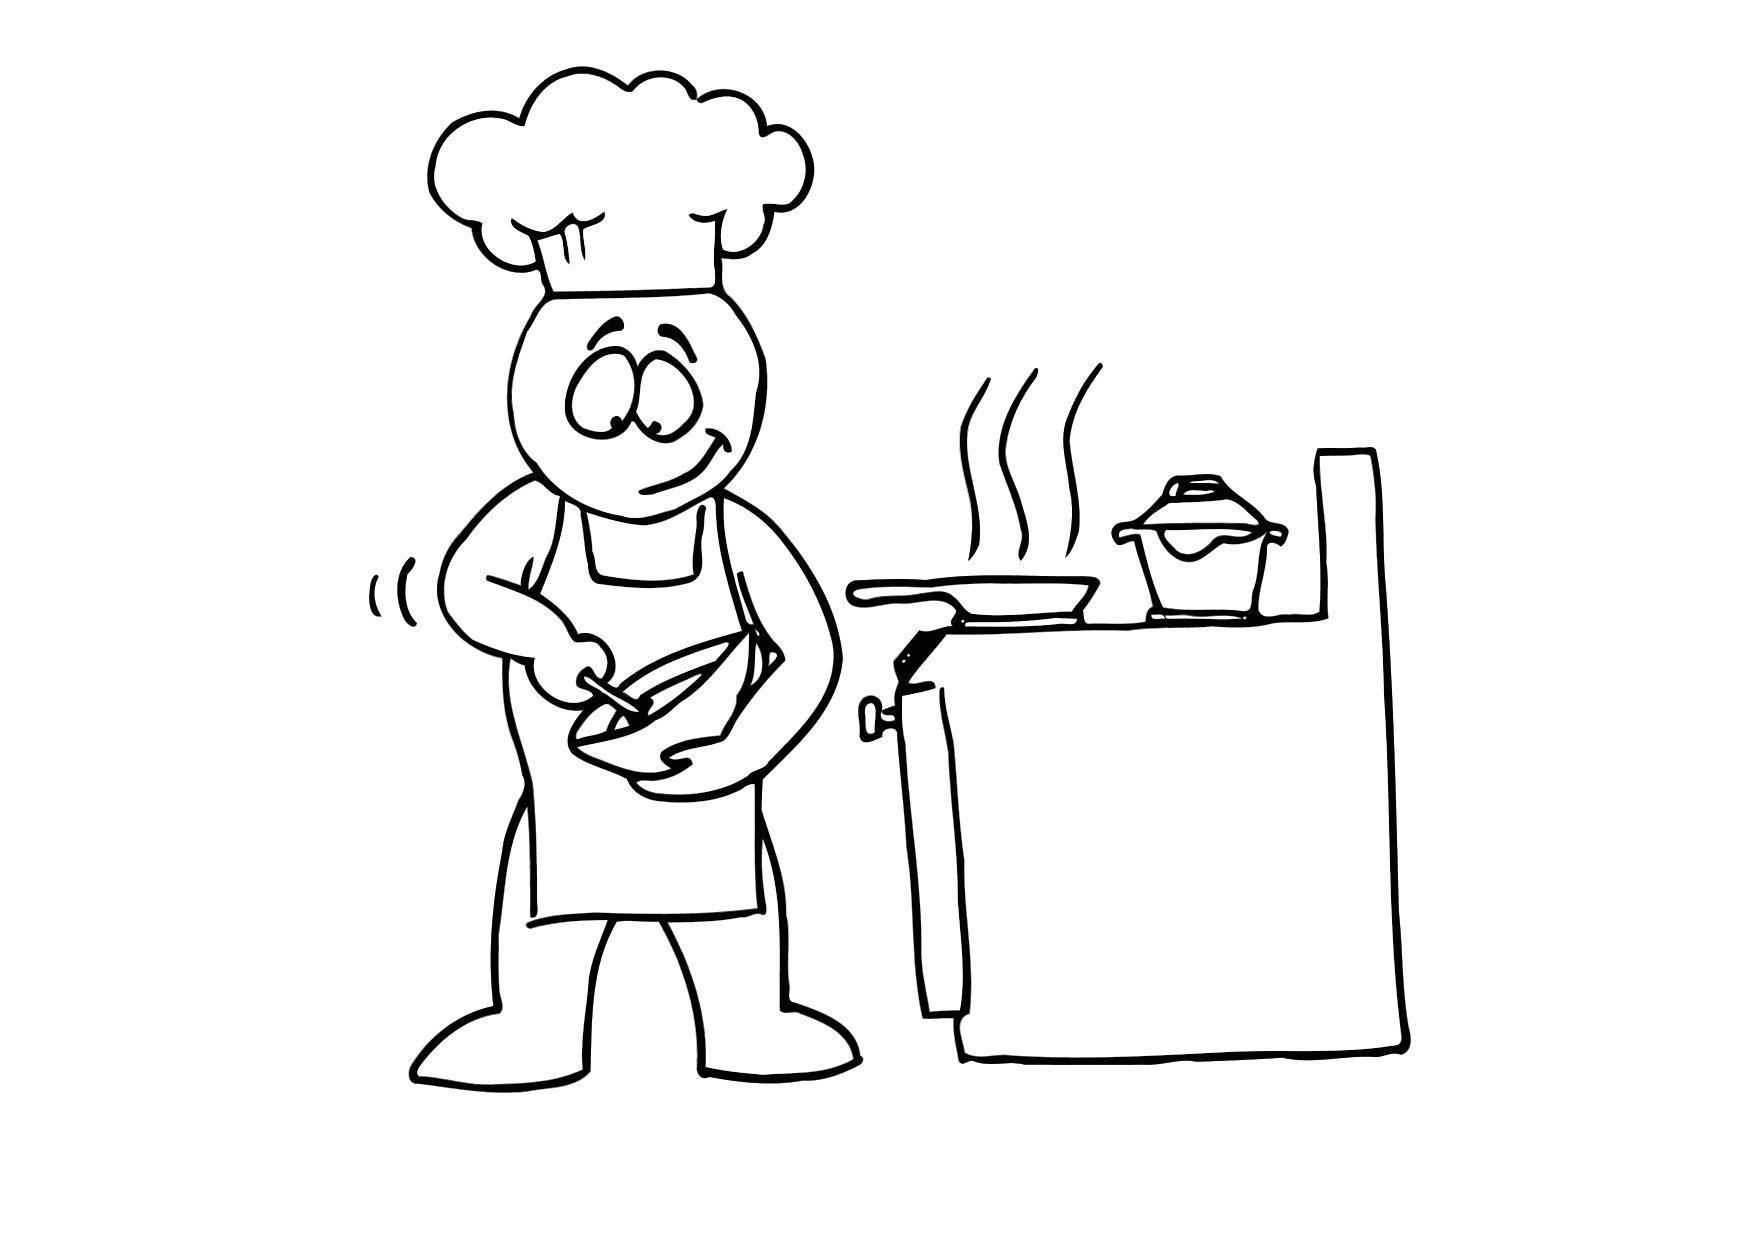 Malvorlage kochen - Kostenlose Ausmalbilder Zum Ausdrucken.